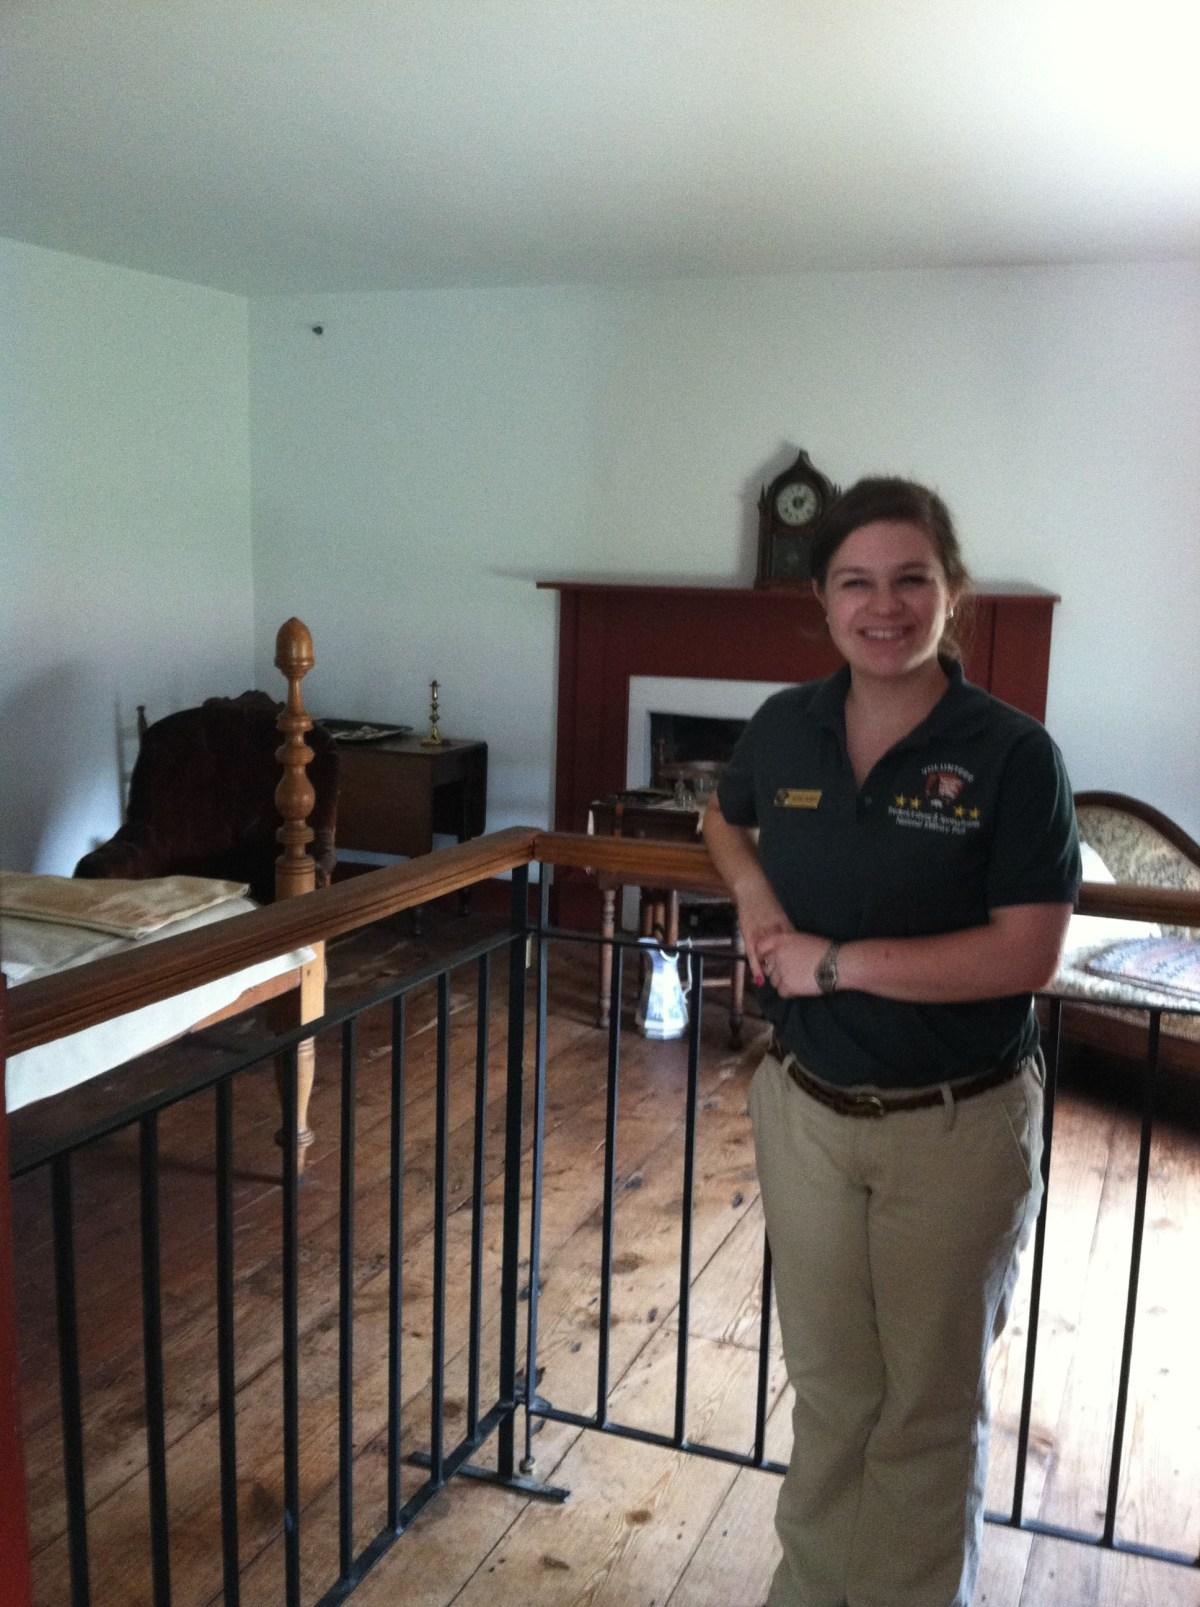 Pohanka Reflection: Megan McNish at FredSpot